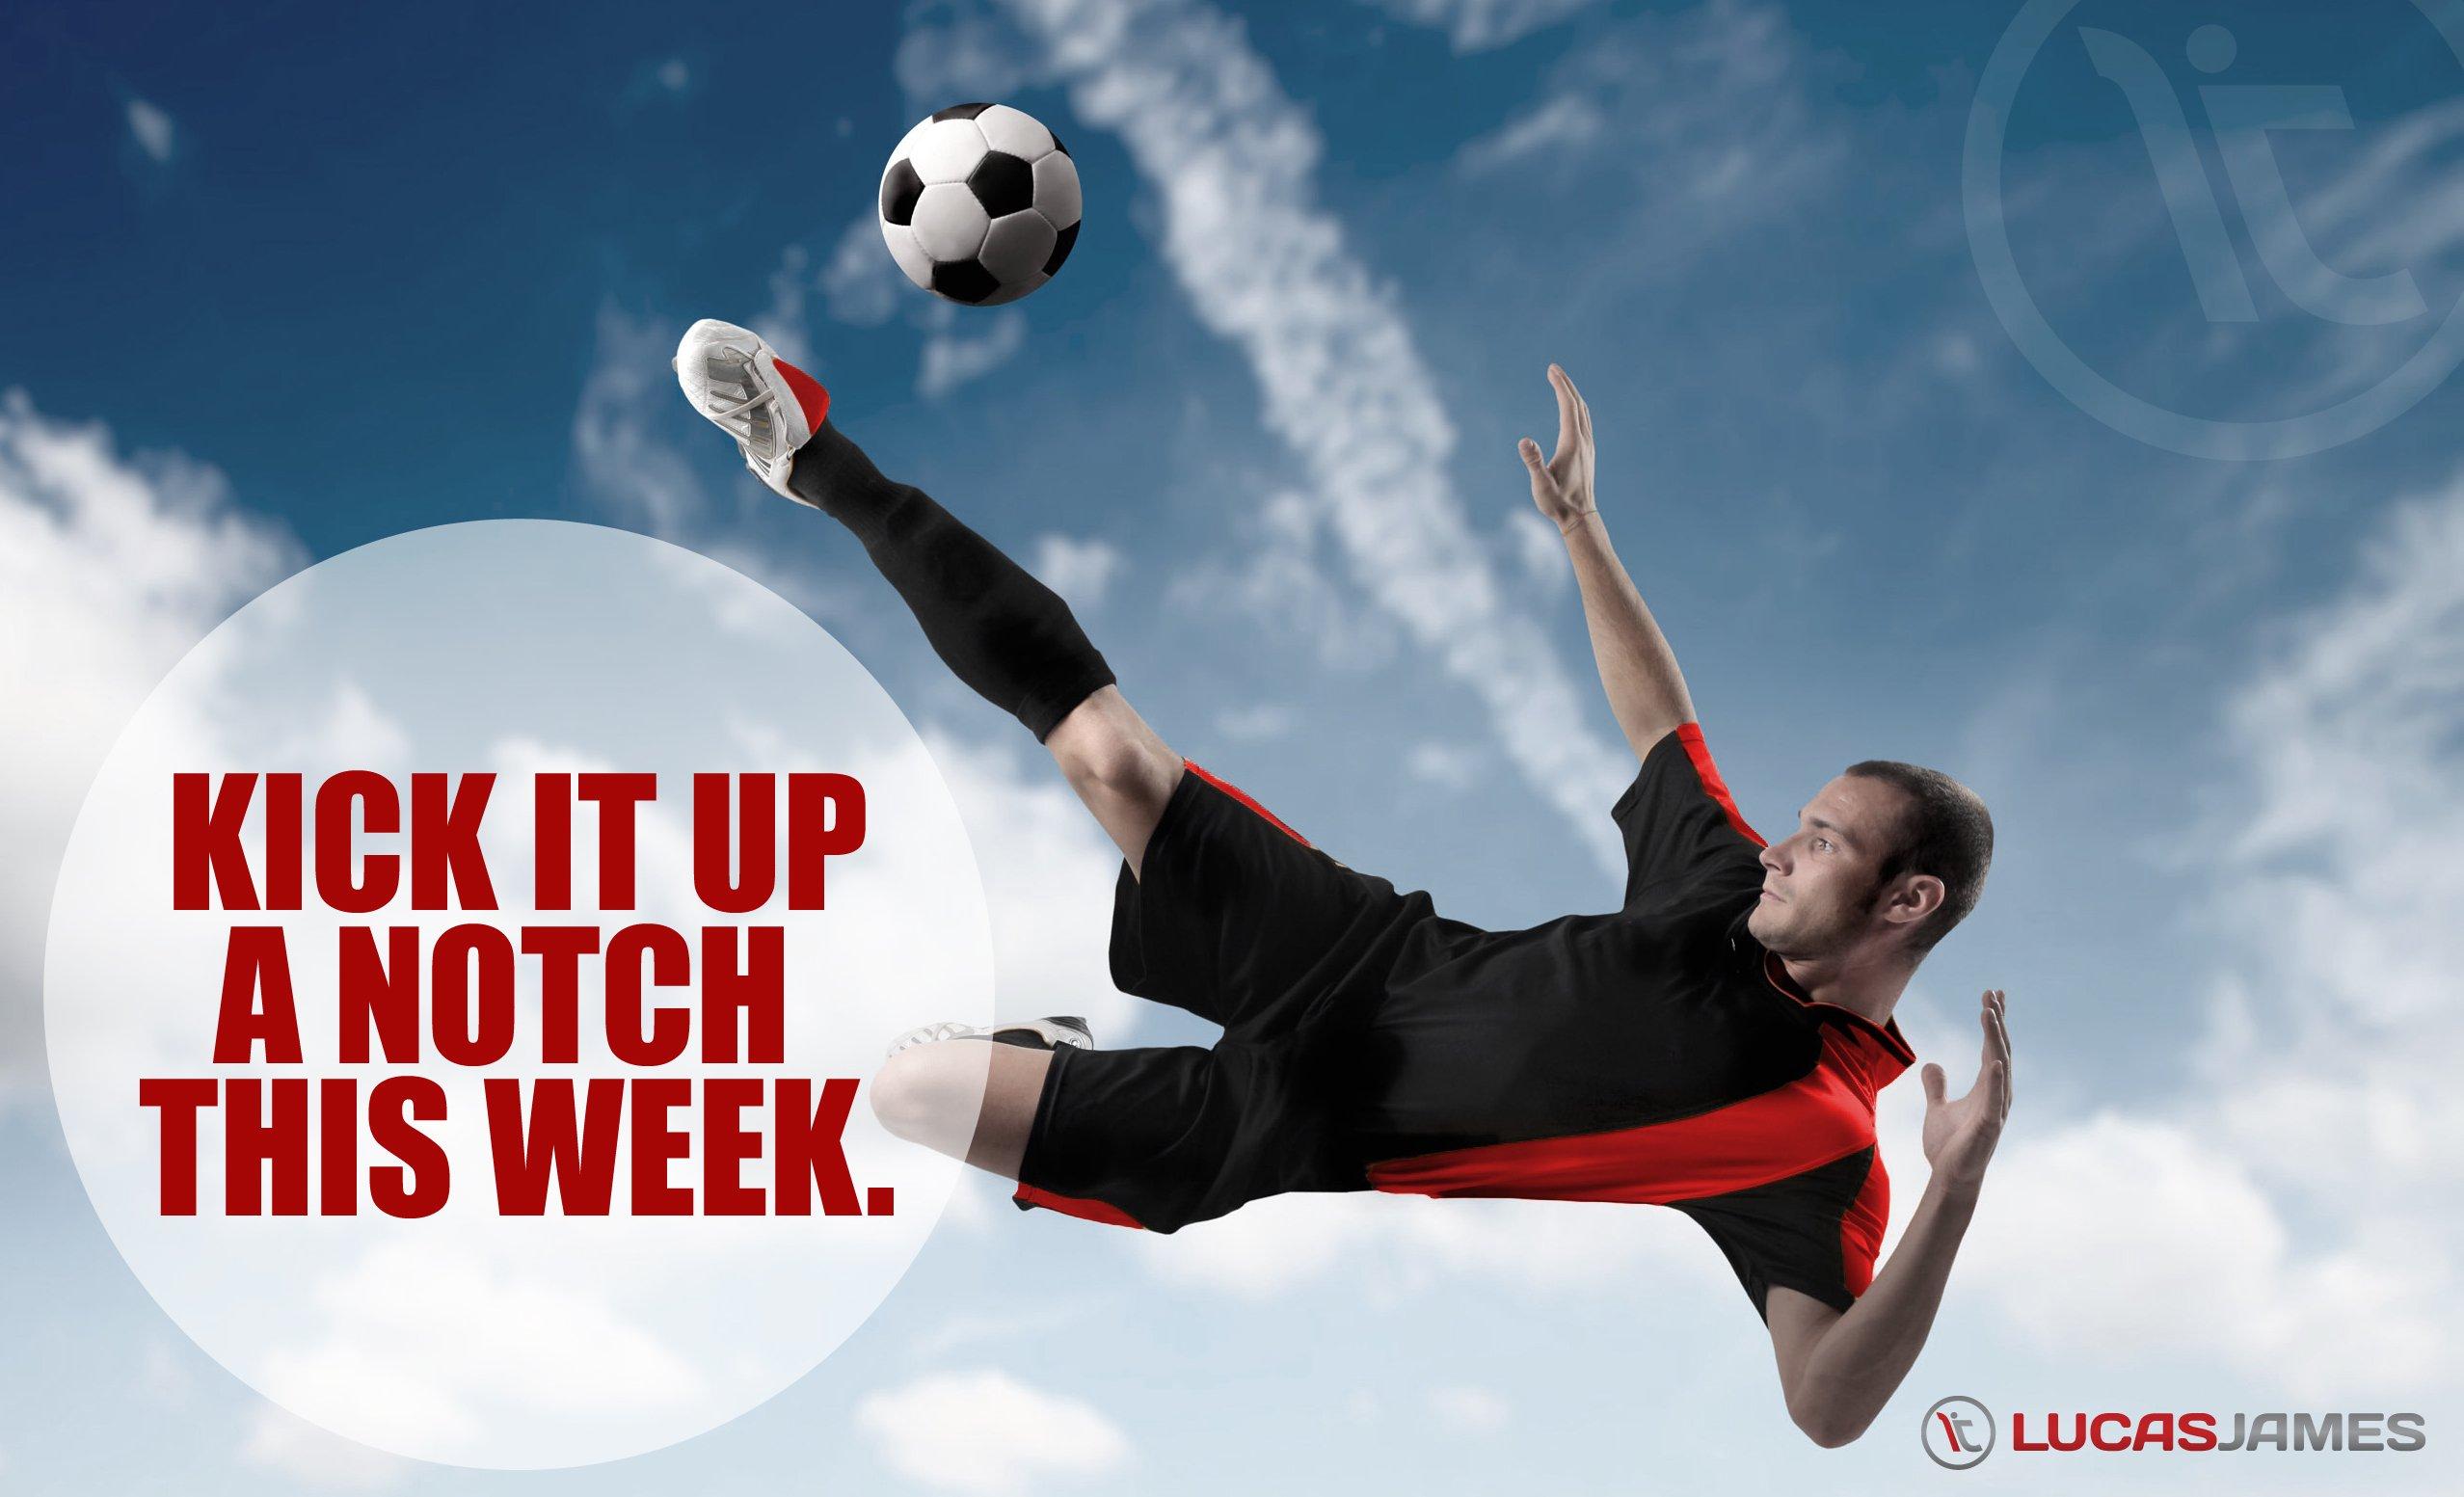 Fitness Motivation: Kick it Up a Notch